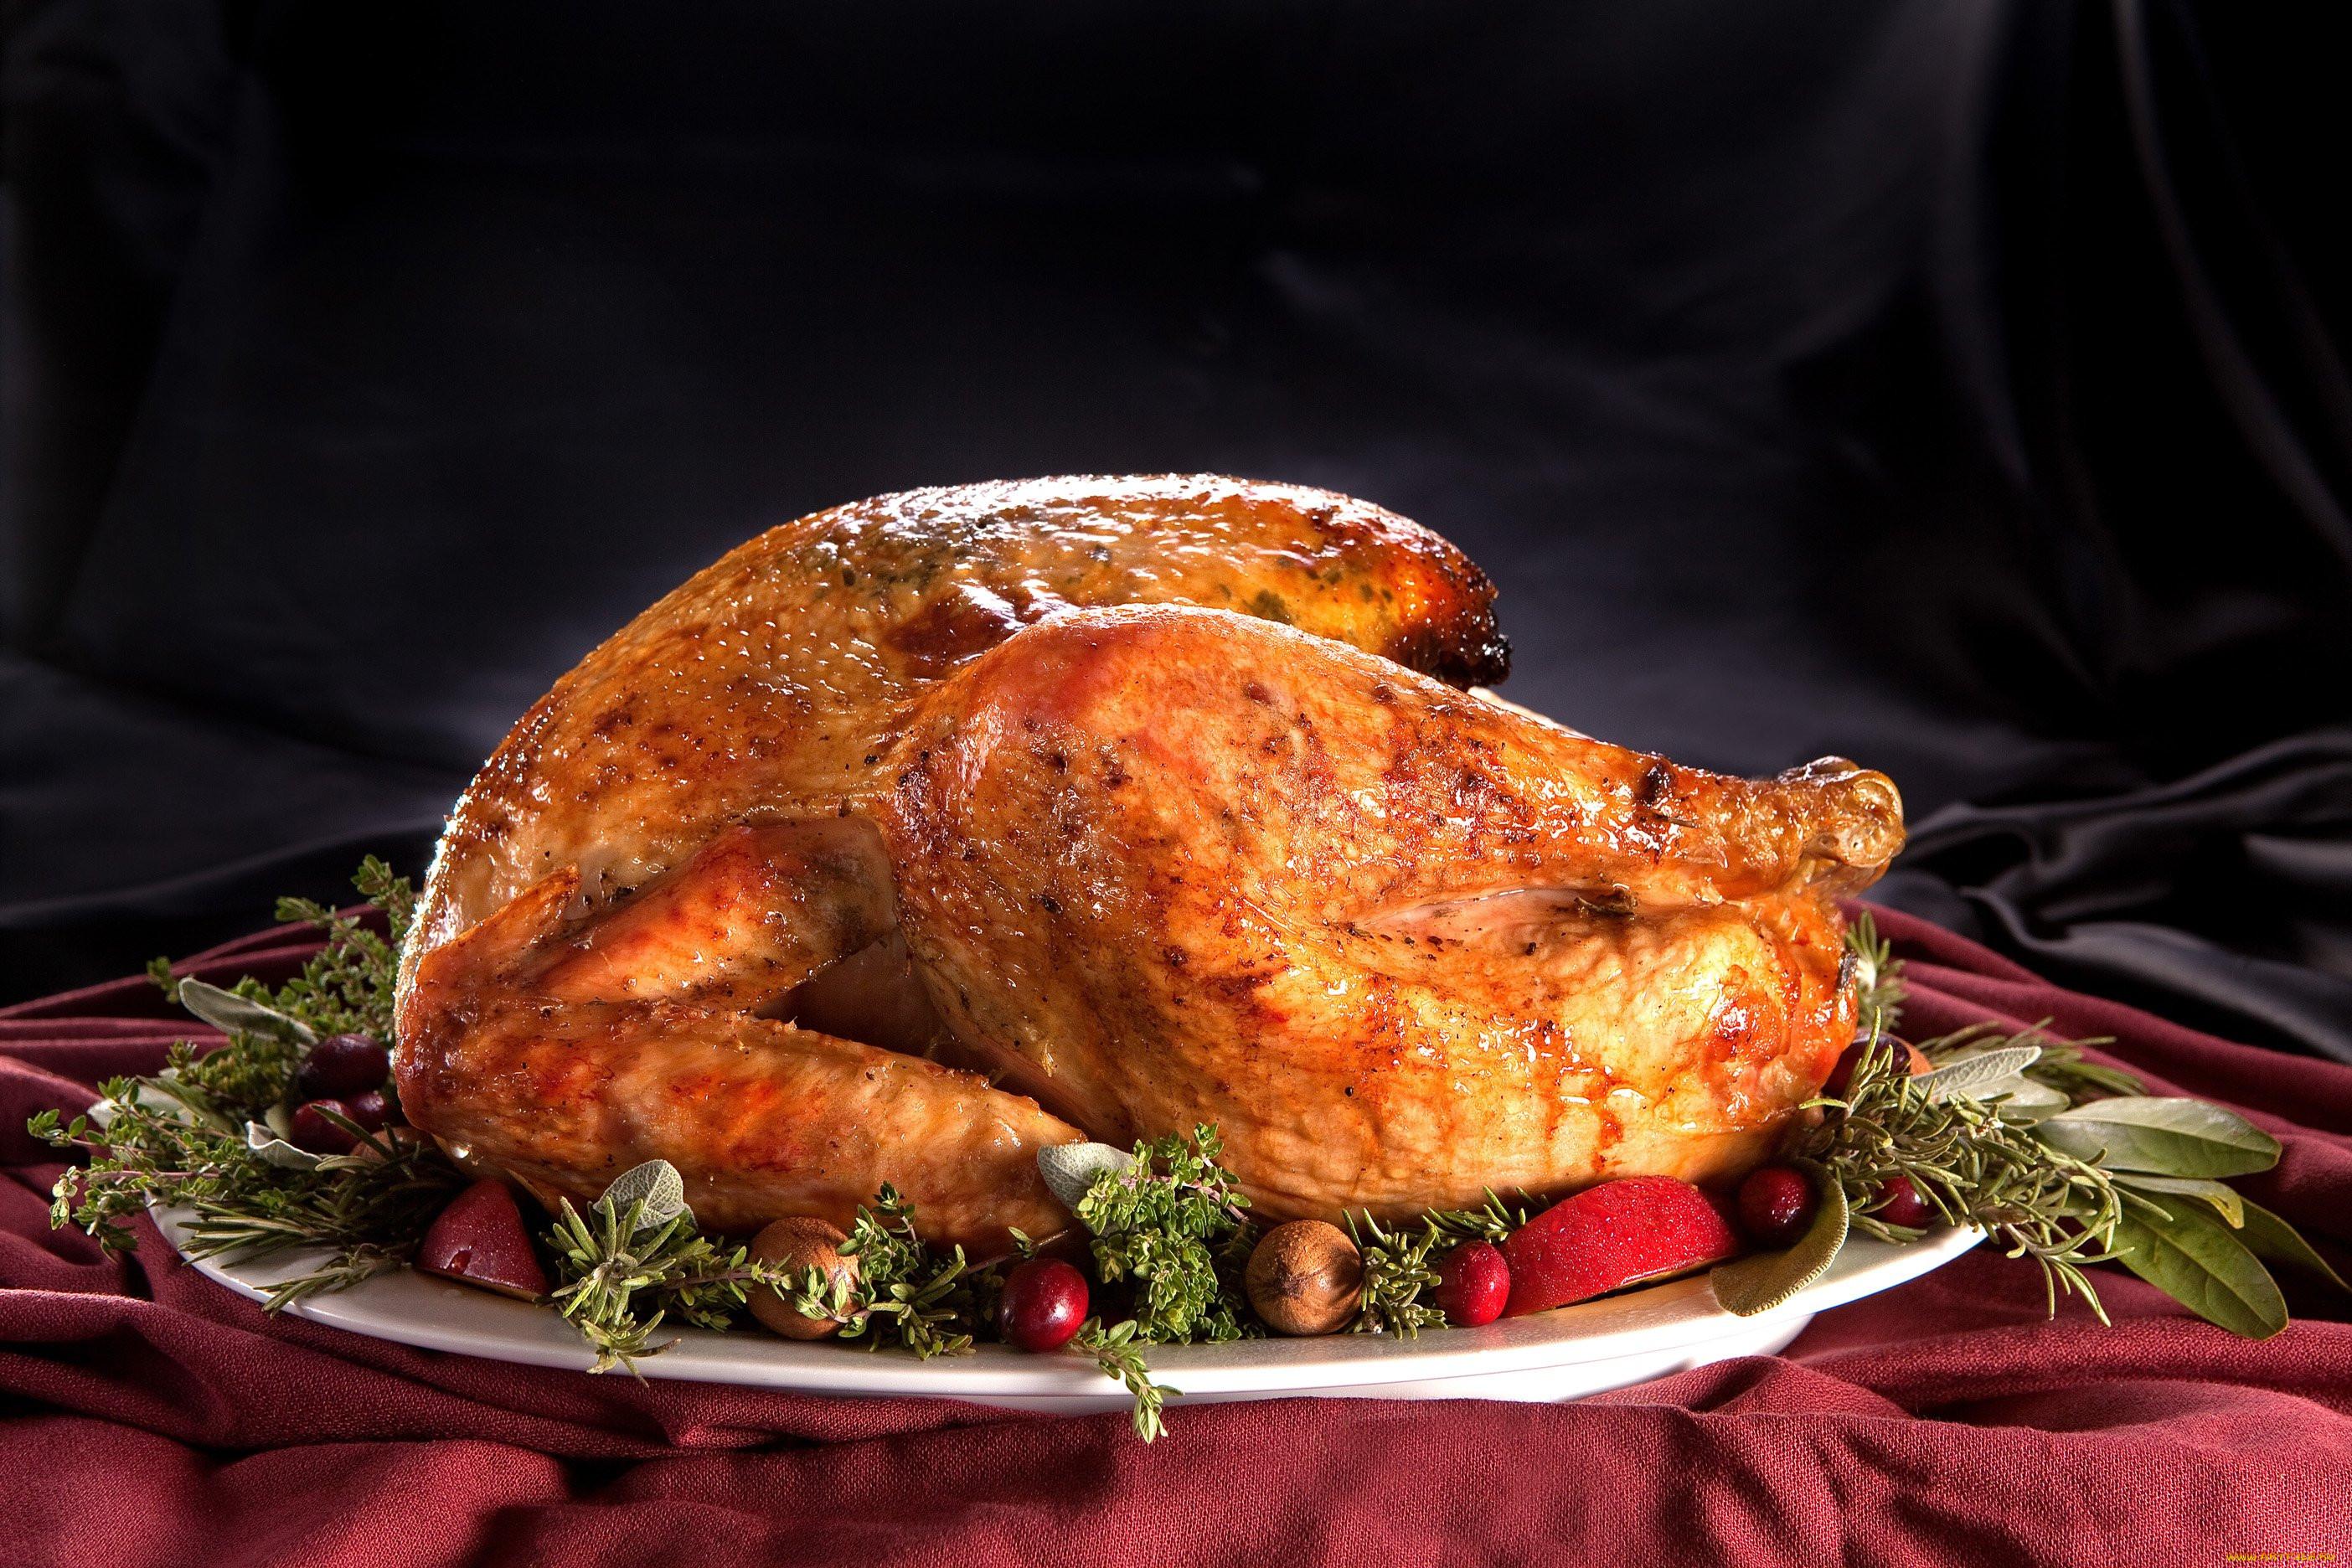 картинки с блюдами из курицы немецкие